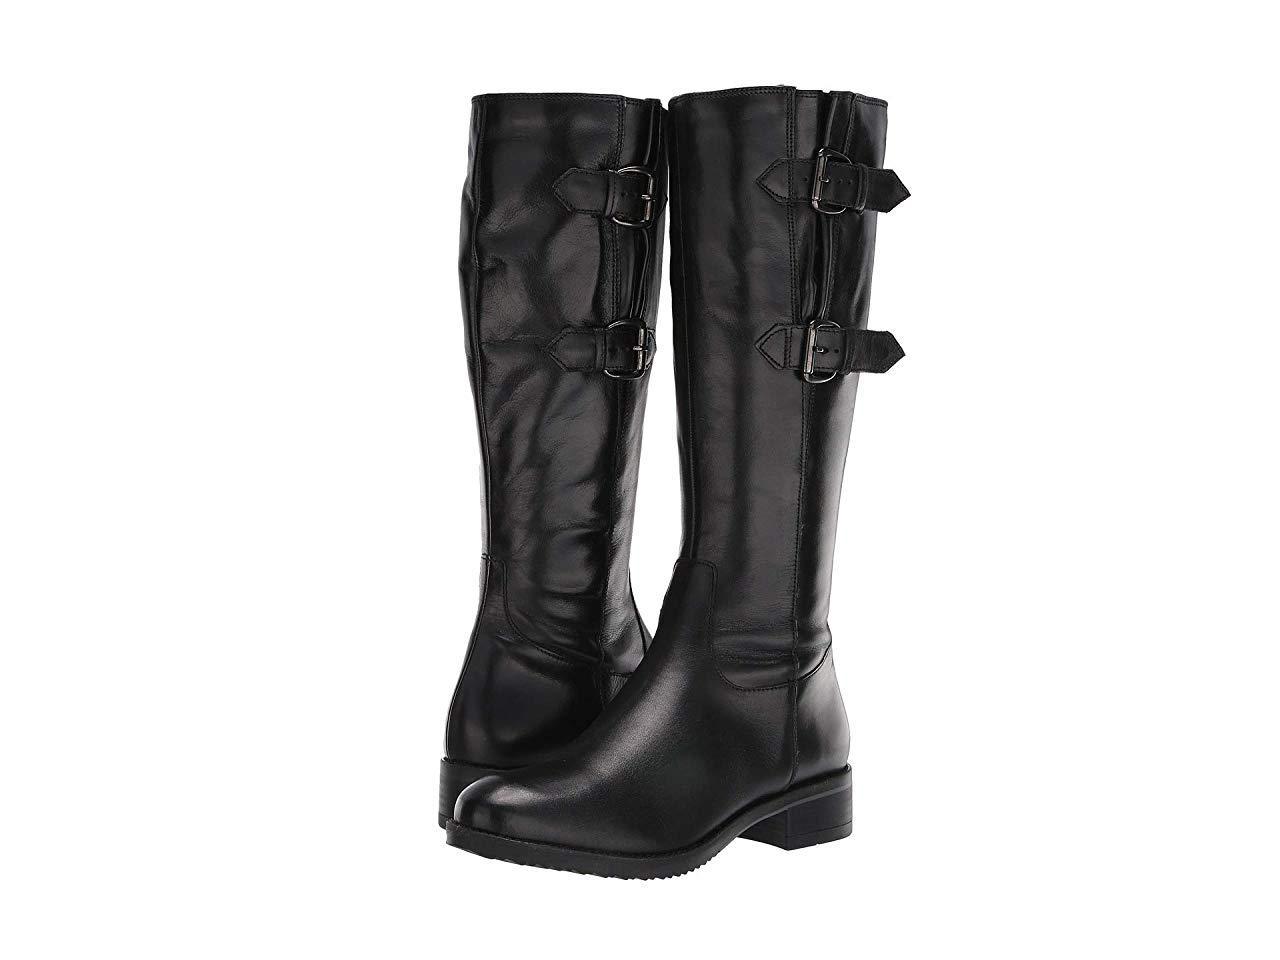 Ботинки/Сапоги (Оригинал) Clarks Tamro Spice Black Leather